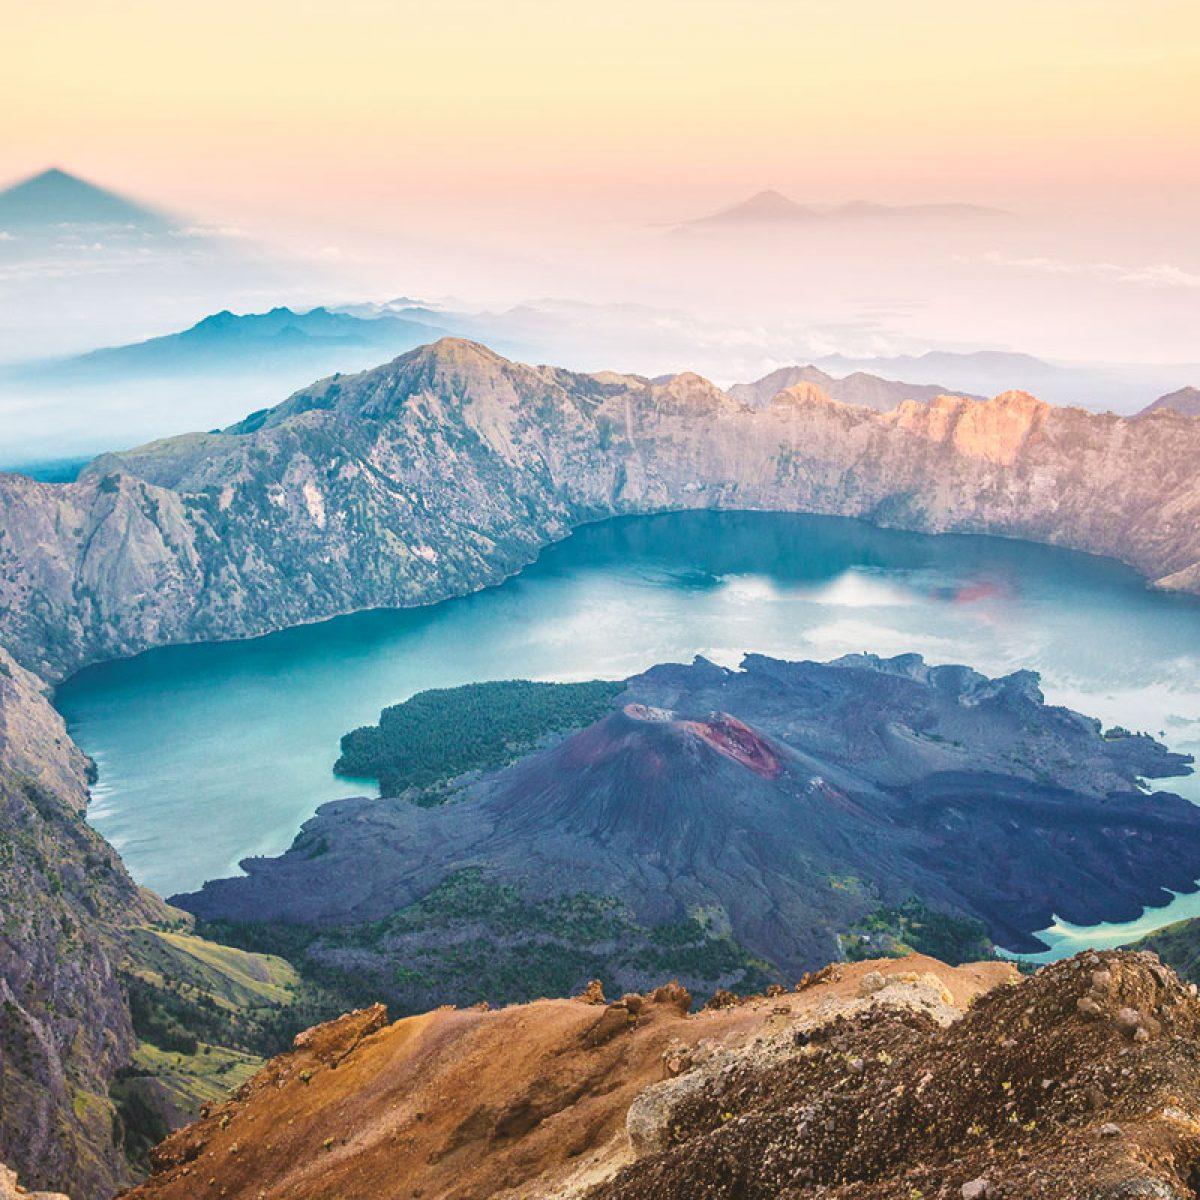 immagini-articoli-lombok